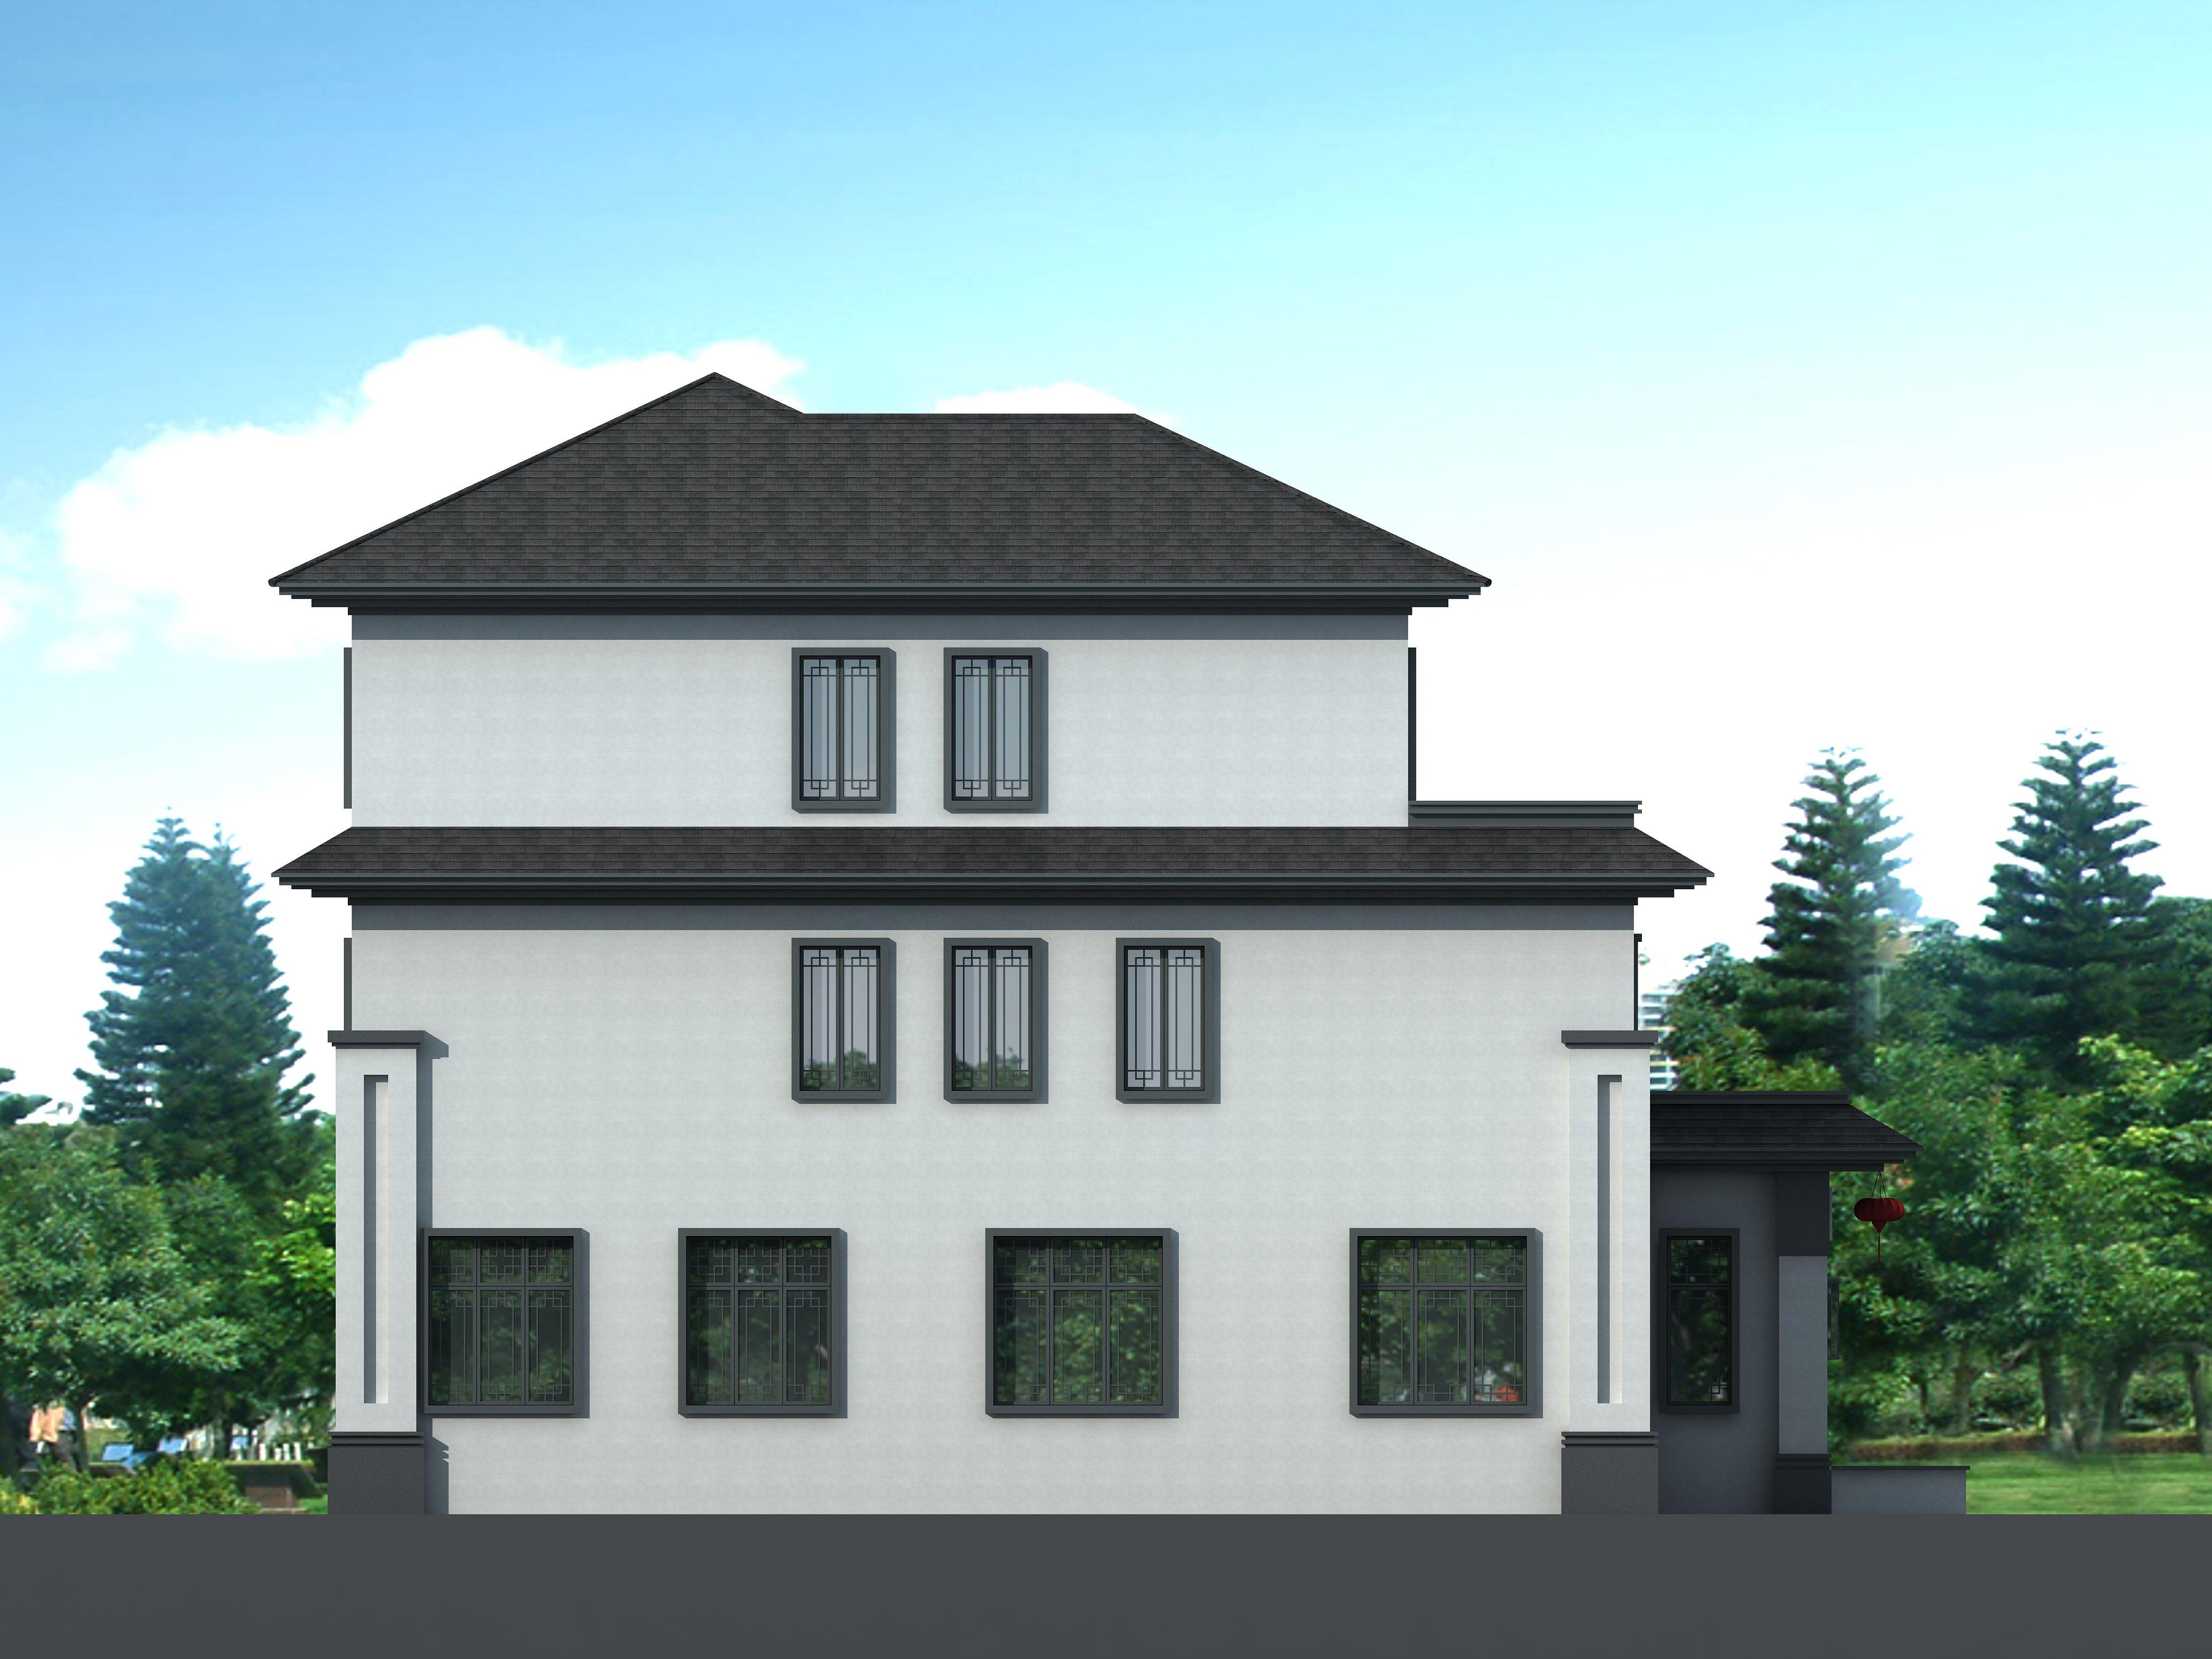 别墅设计:结合新中式和欧式风格的别墅,符合我们的生活及审美